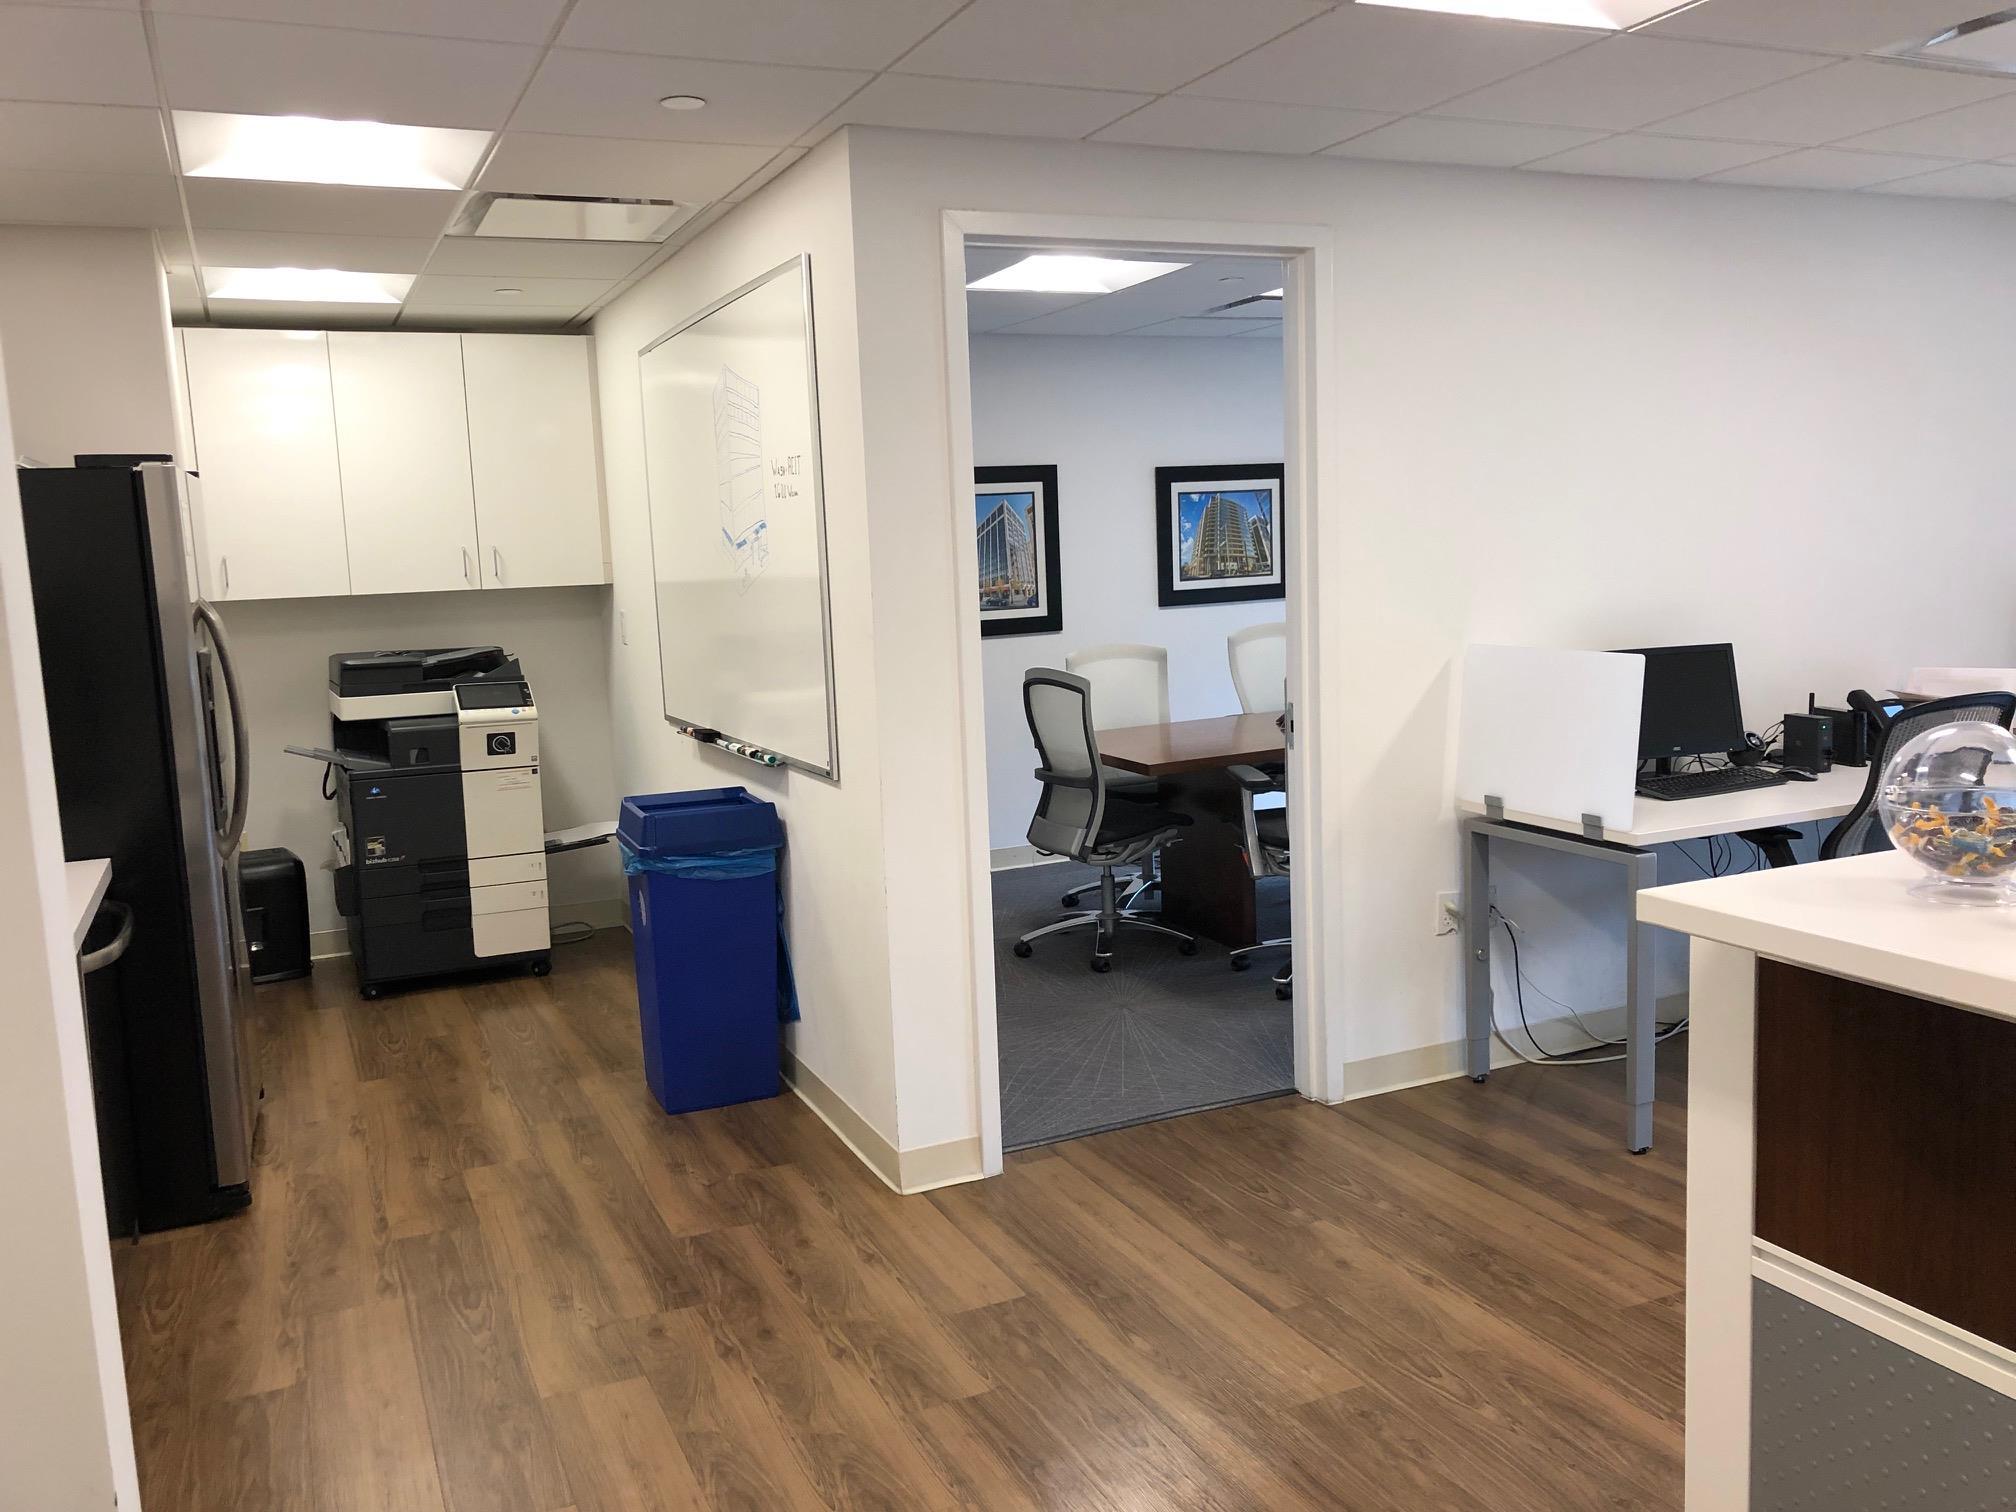 WashREIT | 1600 Wilson Boulevard - Team Office | Suite 1410